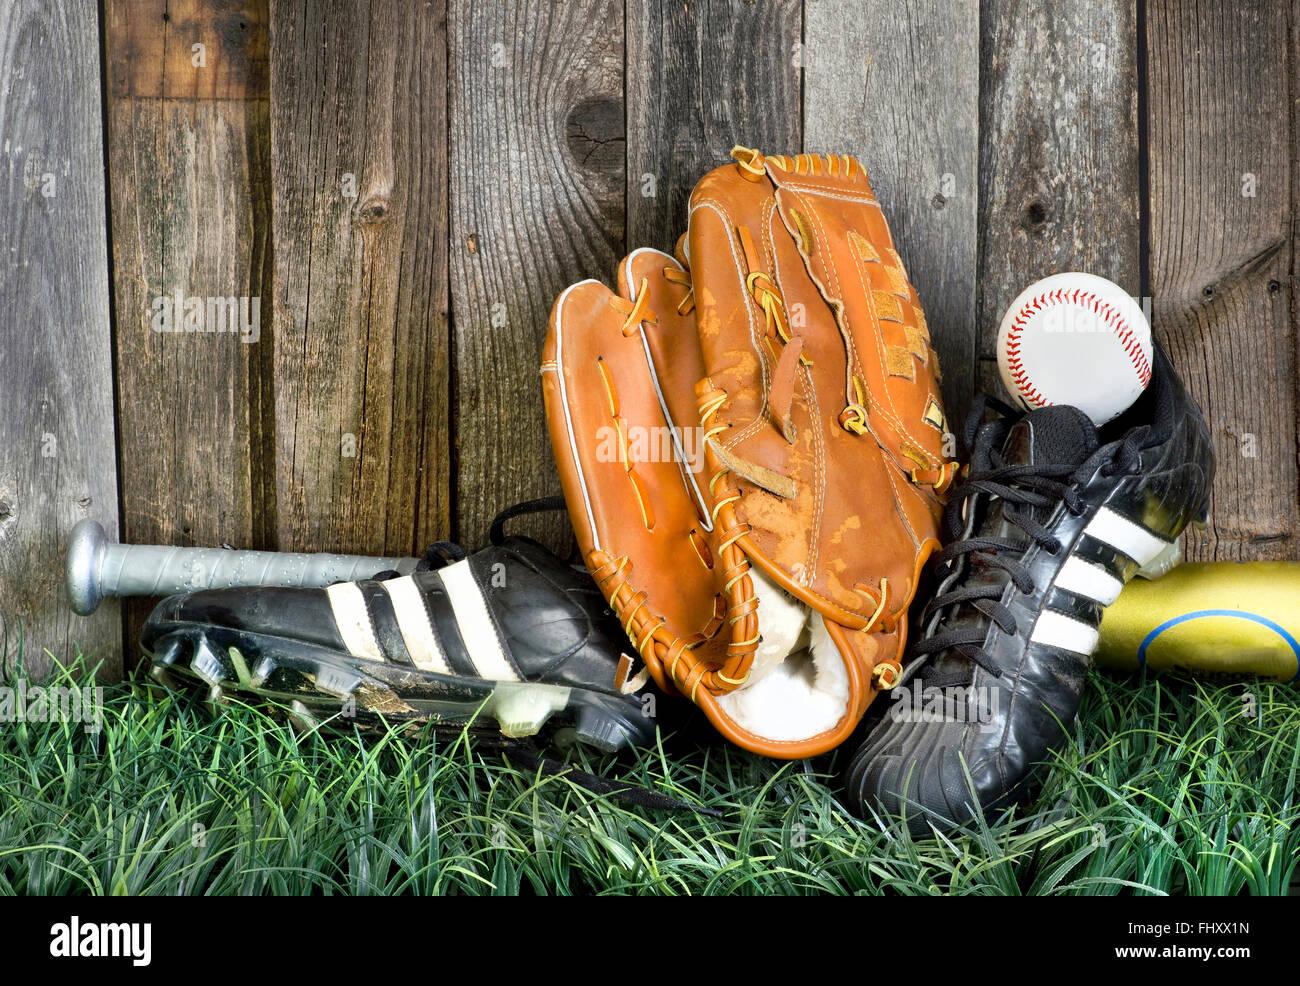 Tiempo para jugar béisbol americano con el equipamiento adecuado. Foto de stock